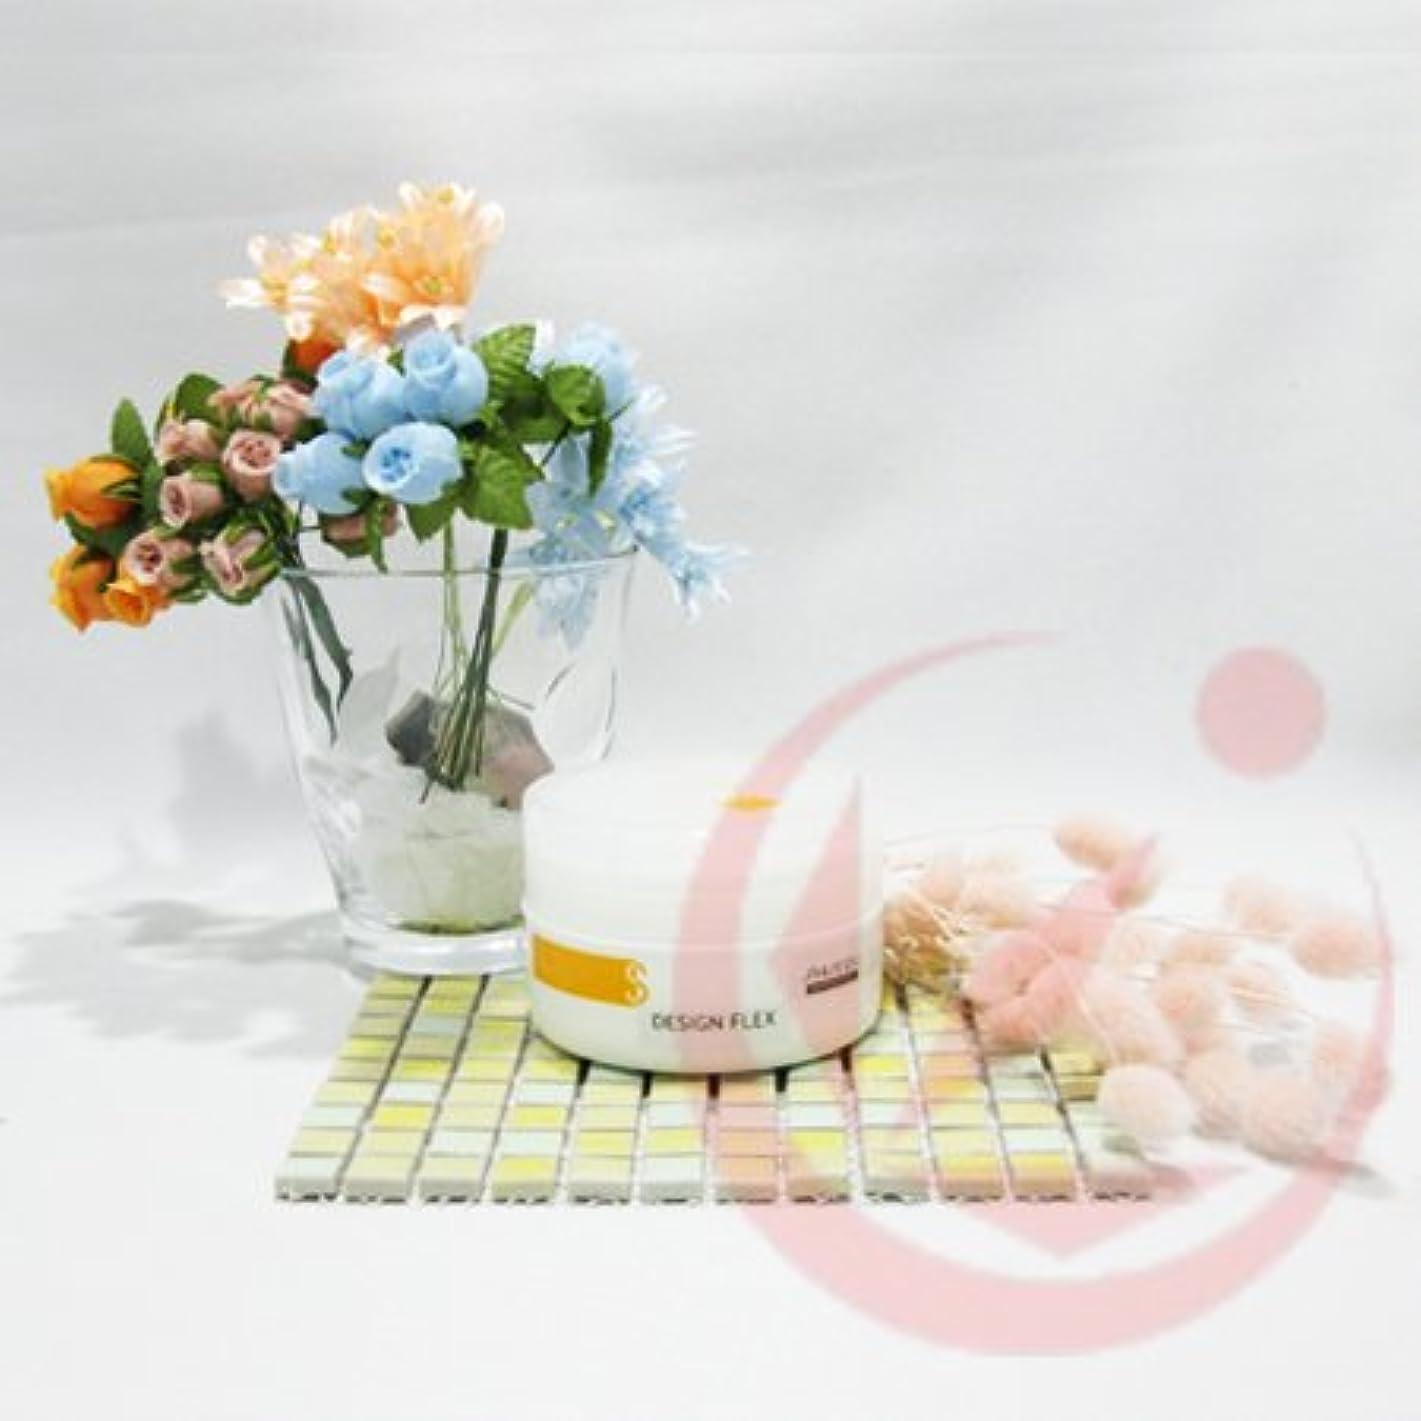 周り盗難捧げる資生堂 デザインフレックス エアテイスト ワックス(ソフト) 90g